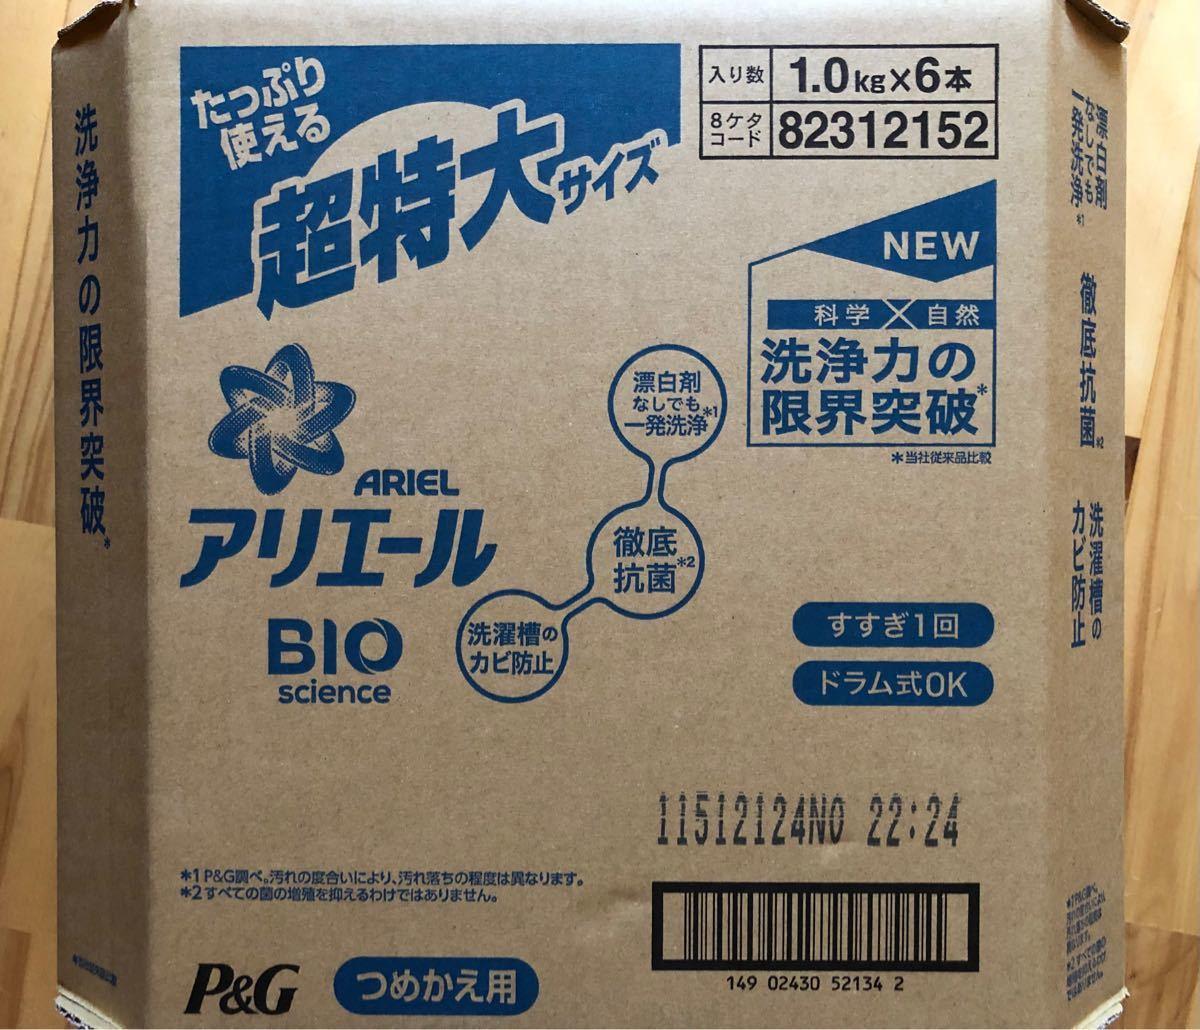 アリエールバイオサイエンス 詰め替え1kg 6袋